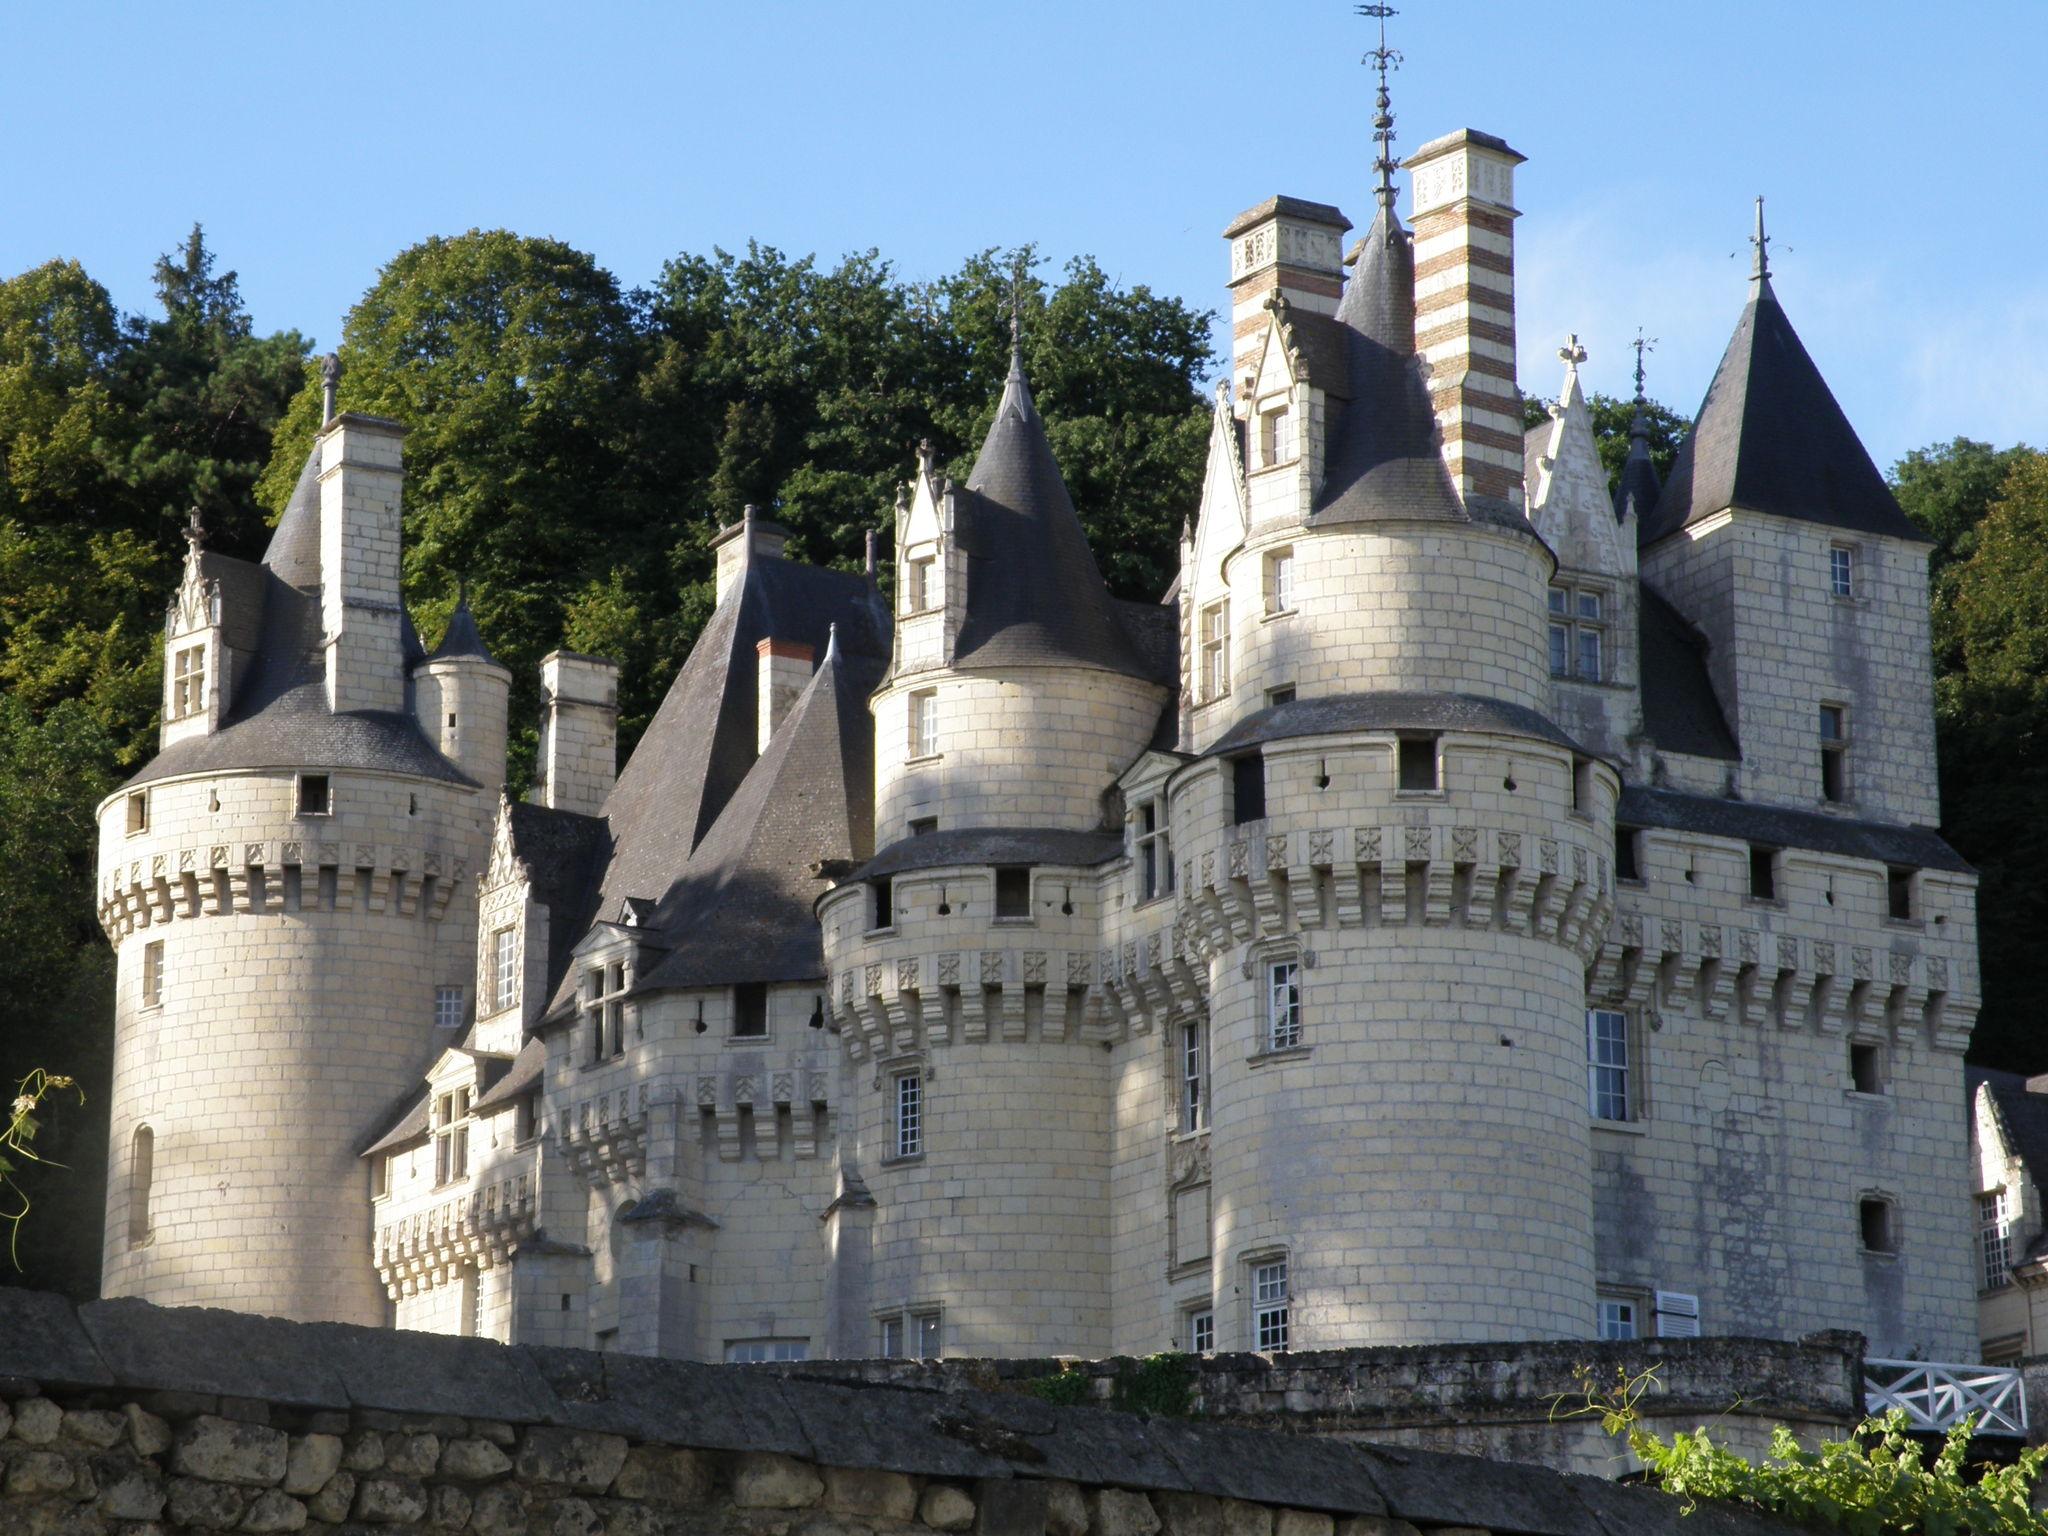 Chateau de la loire belle au bois dormant for La belle au bois flotte